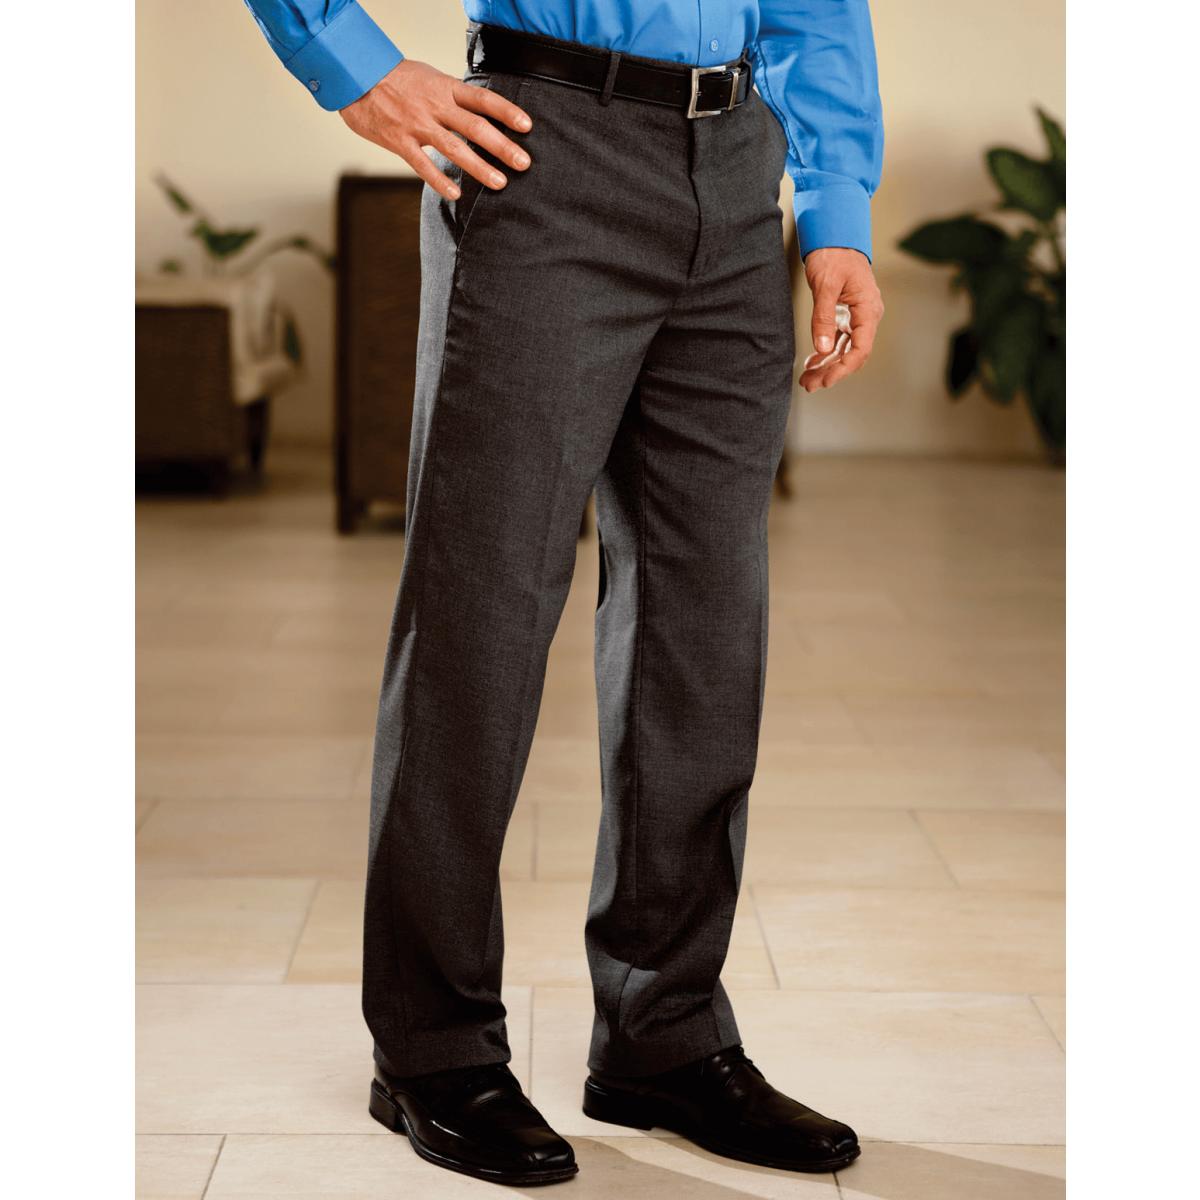 Pantalon Unitam De Vestir Oro Caballero